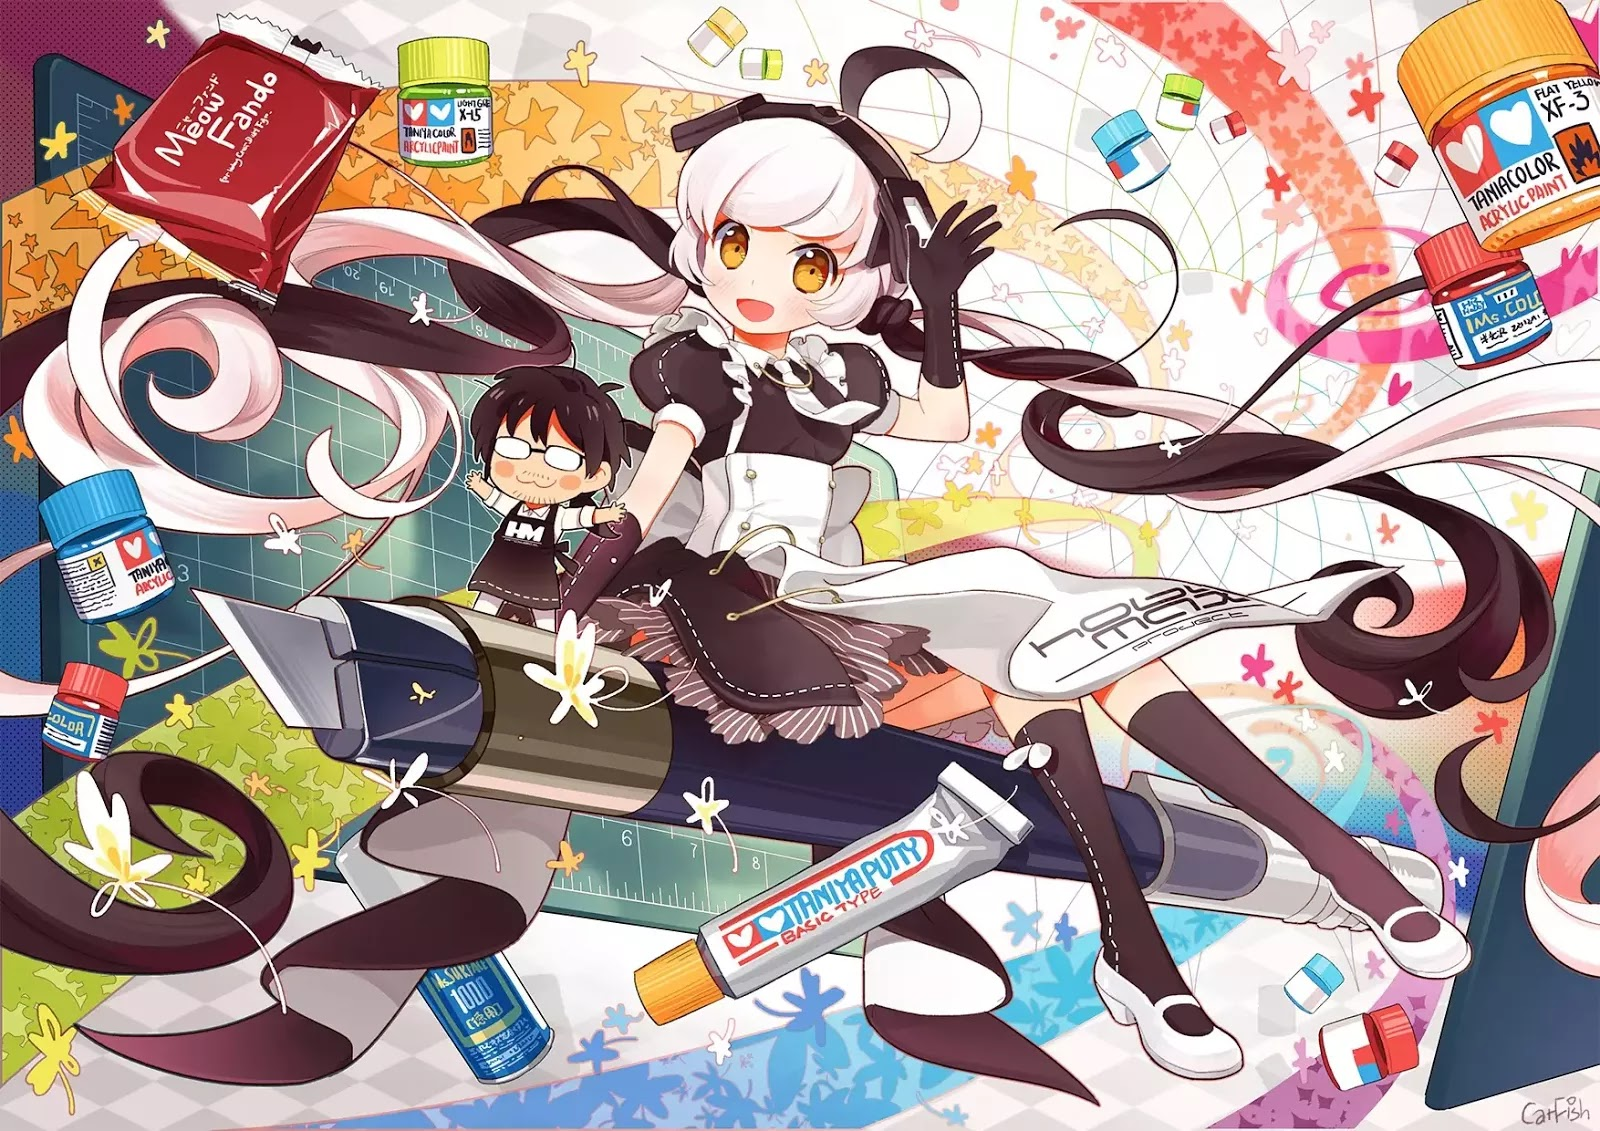 AowVN%2B%252868%2529 - [ Hình Nền ] Loli cực đẹp , cực độc Full HD | Anime Wallpaper